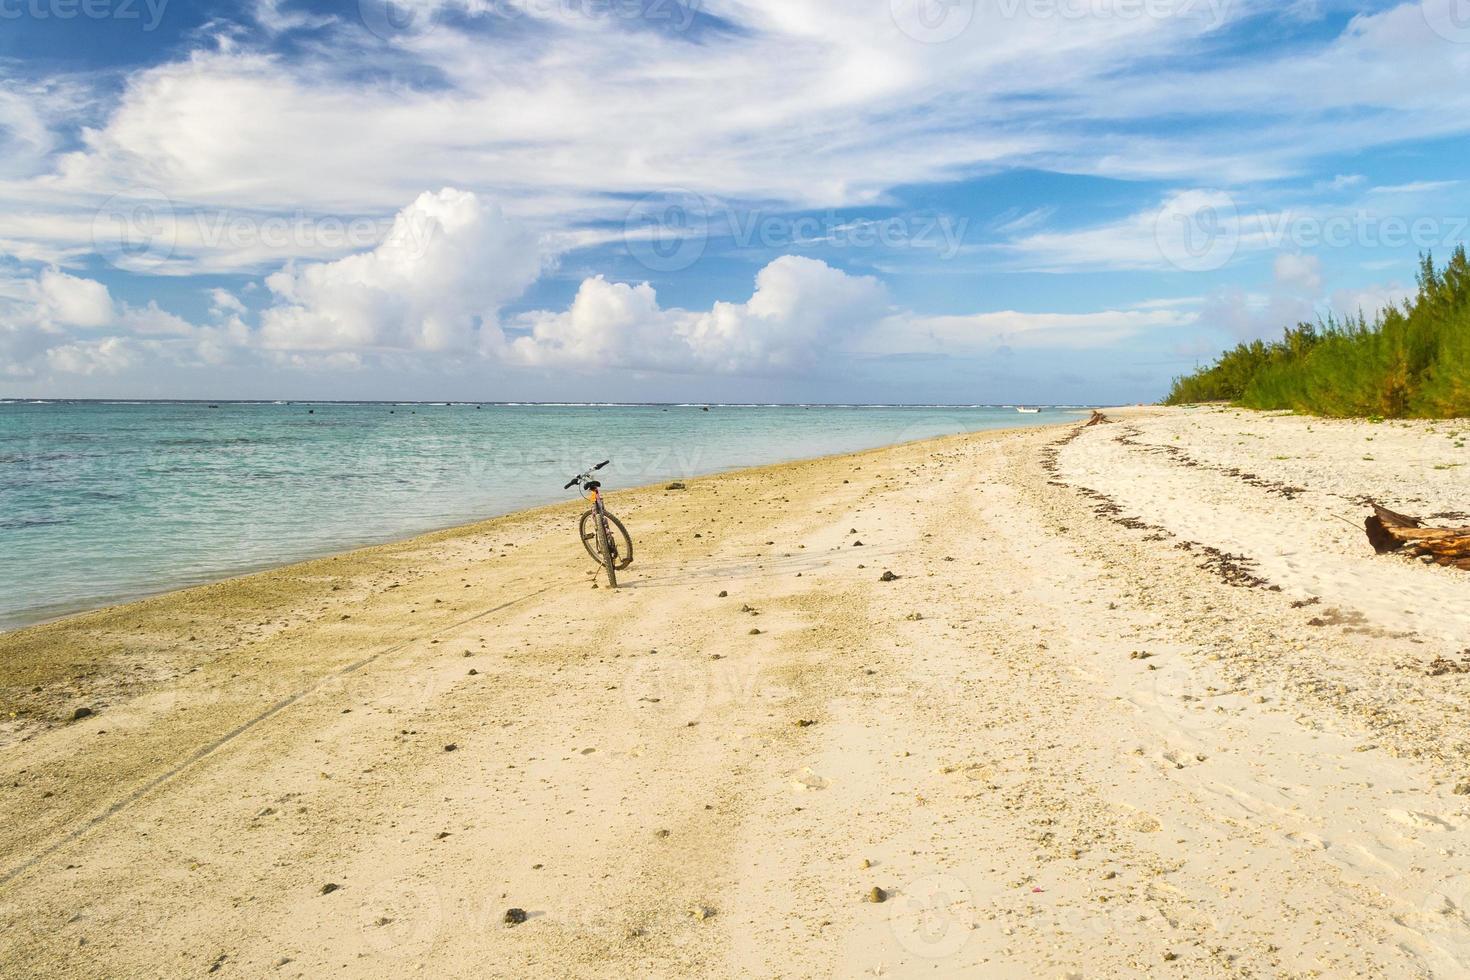 bicicleta solitária em uma praia deserta tropical foto